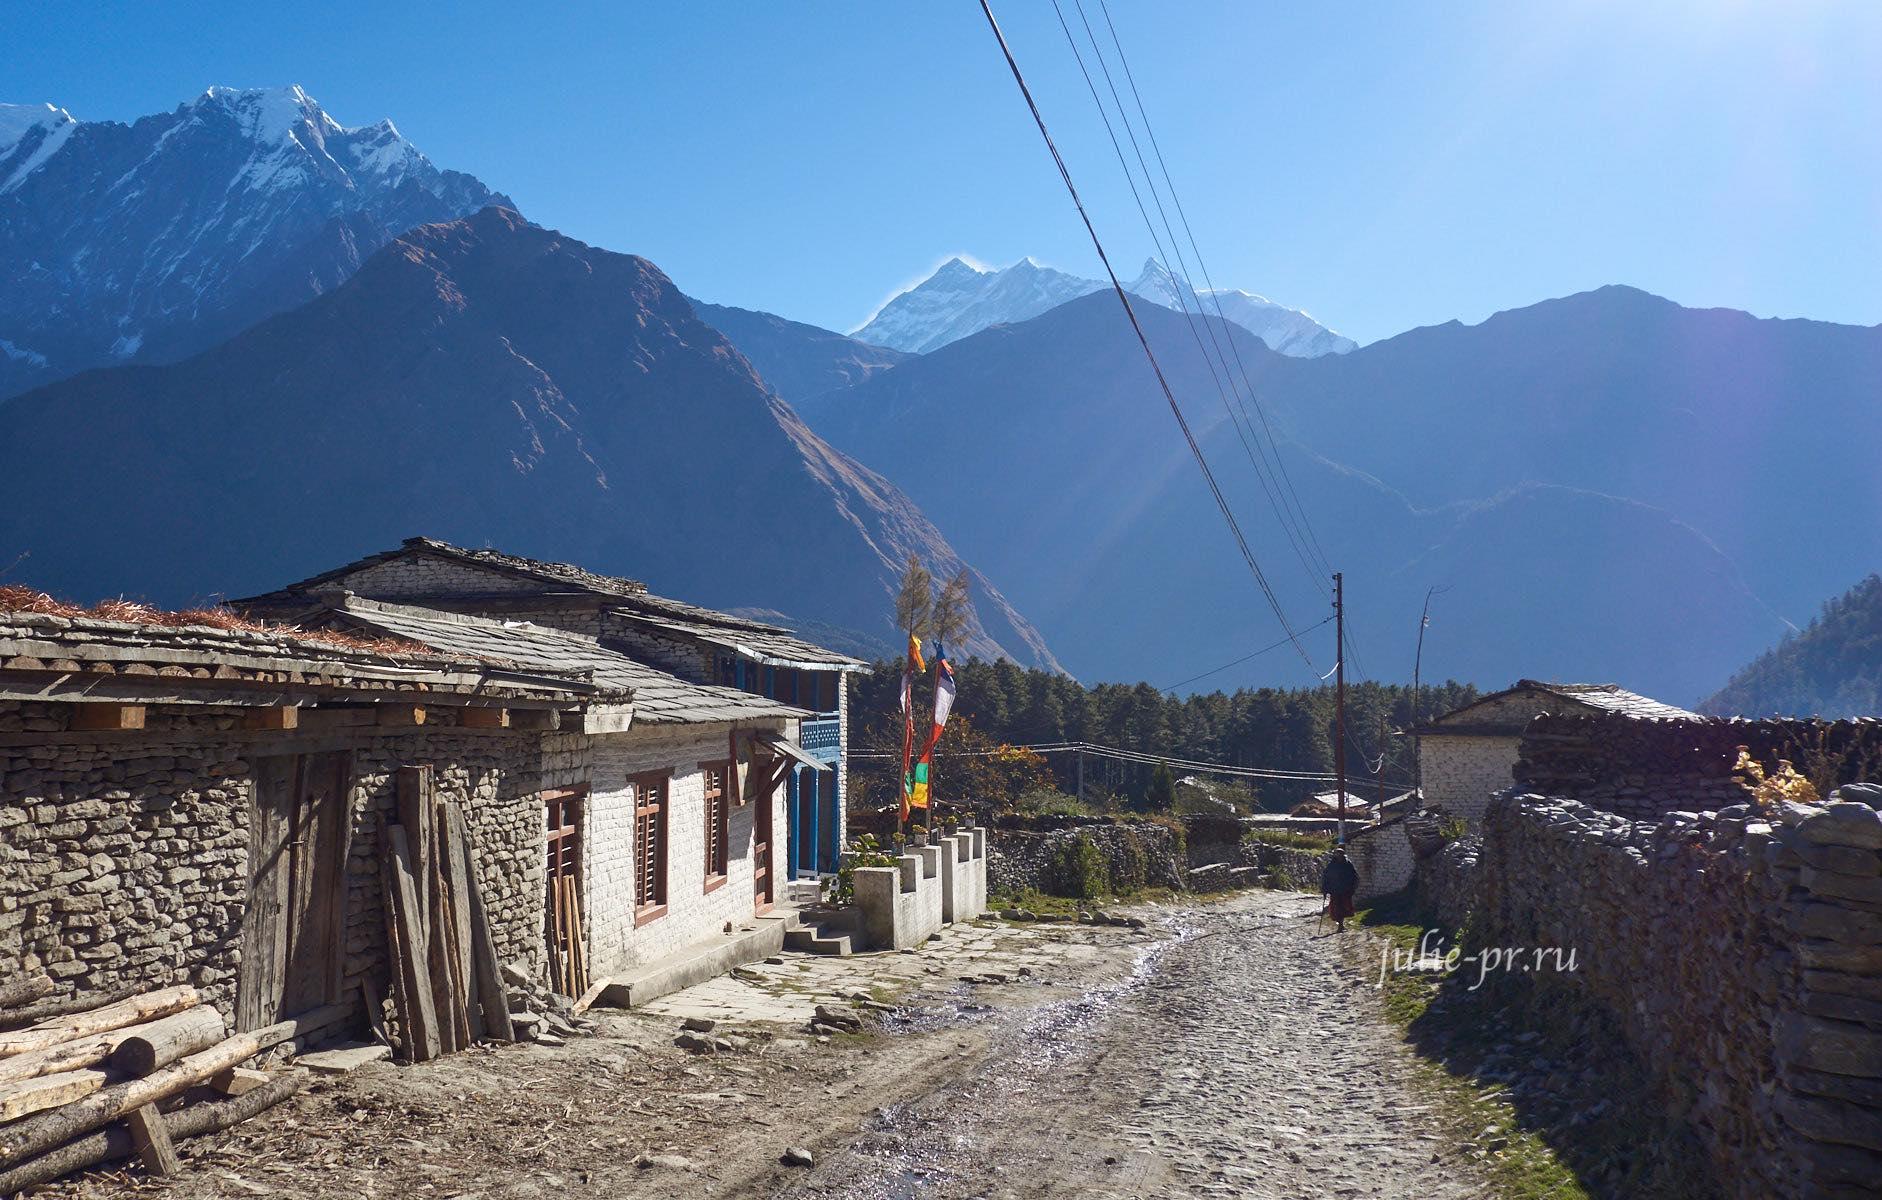 Непал, Трек вокруг Аннапурны, Лете